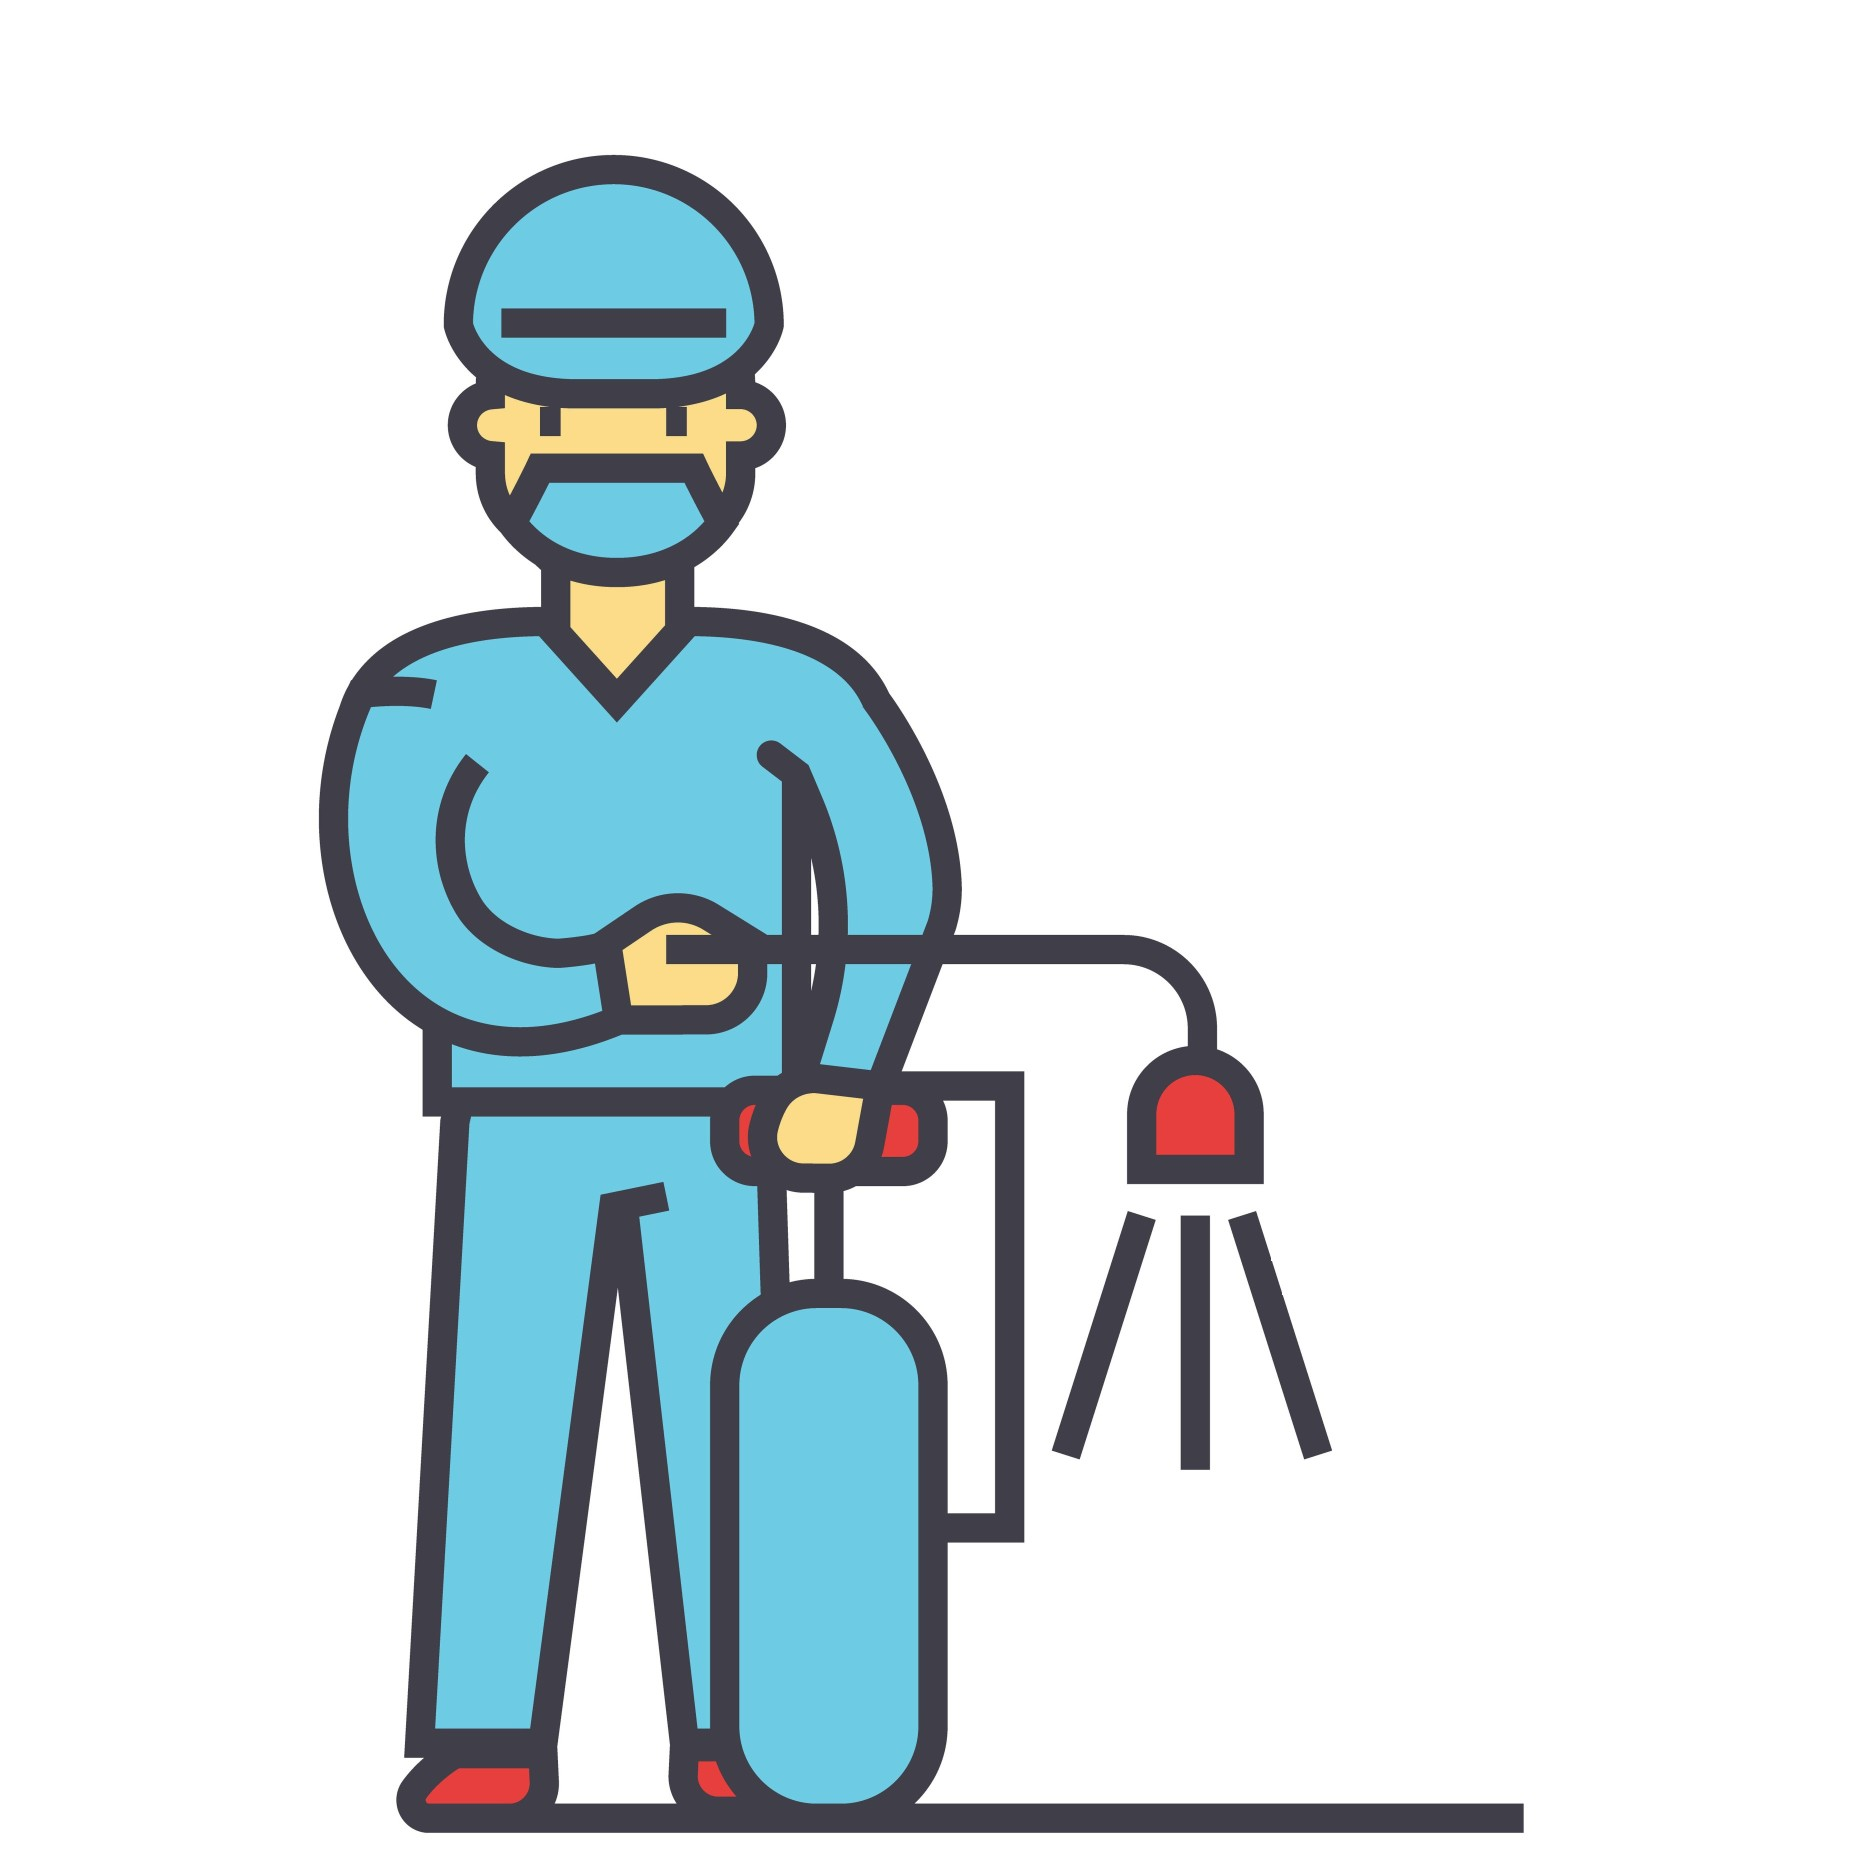 在去除老鼠糞便後,請將有糞便的地方進行消毒。建議可以使用酒精消毒,如果家裡沒有酒精,也可以使用稀釋的漂白水代替。